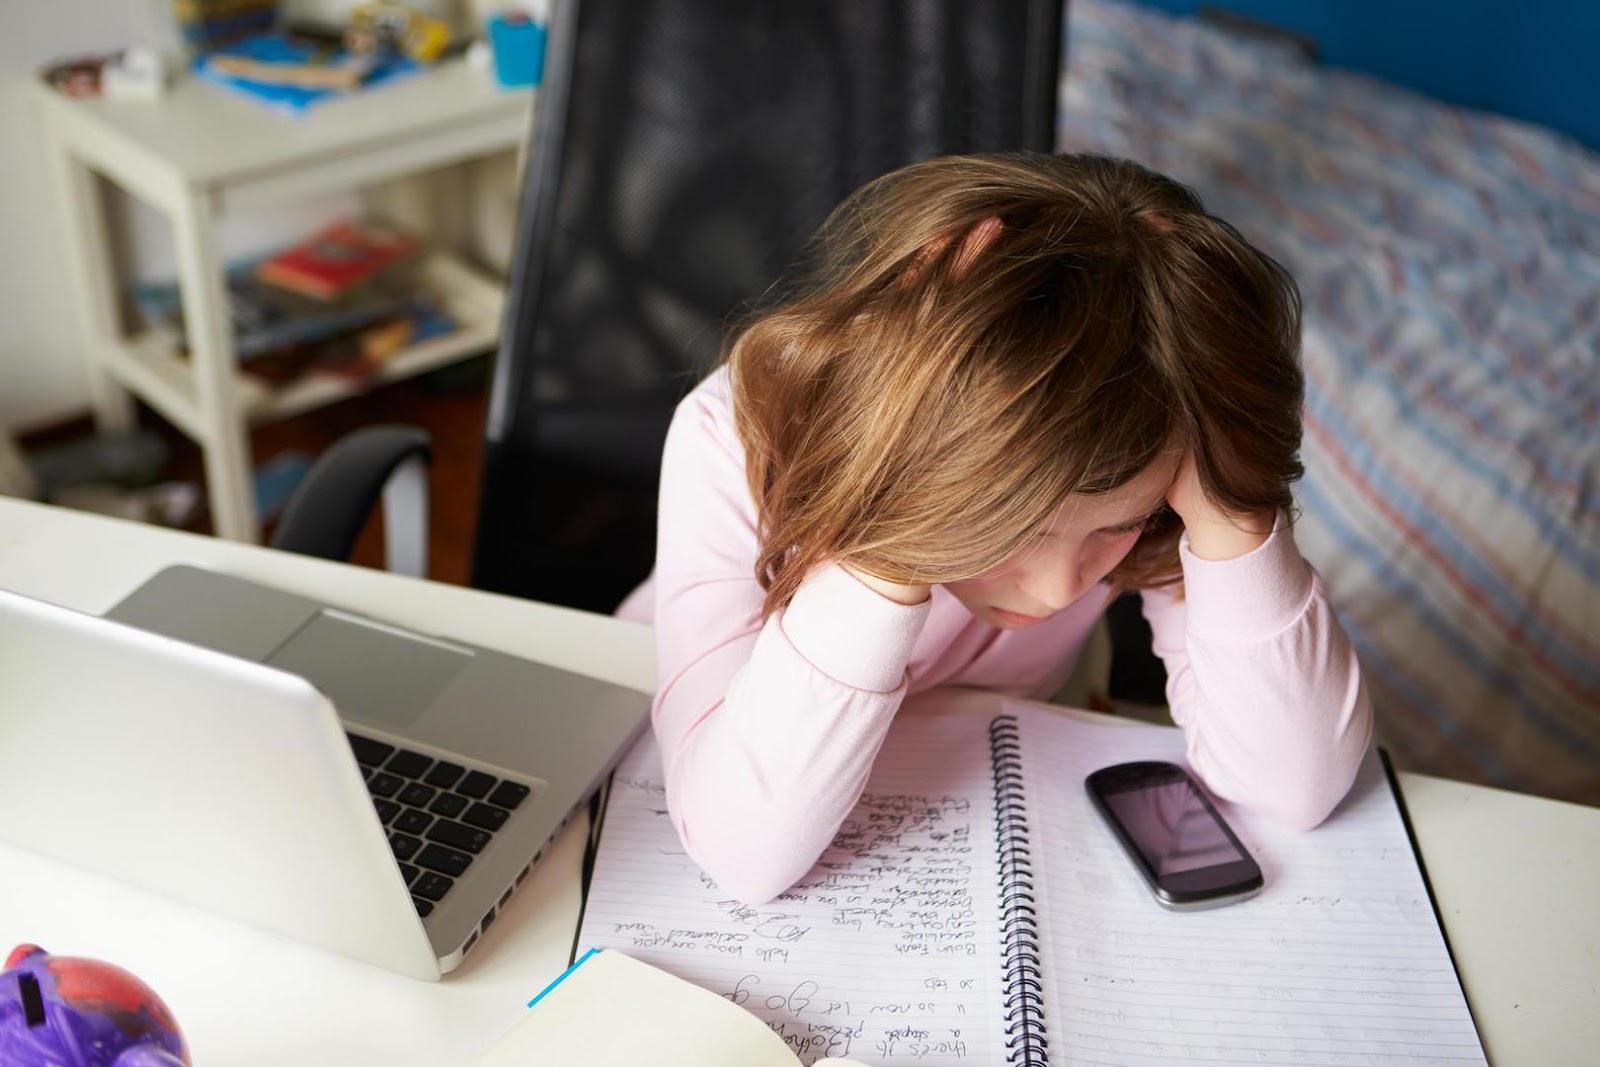 Картинки по запросу cyberbullying